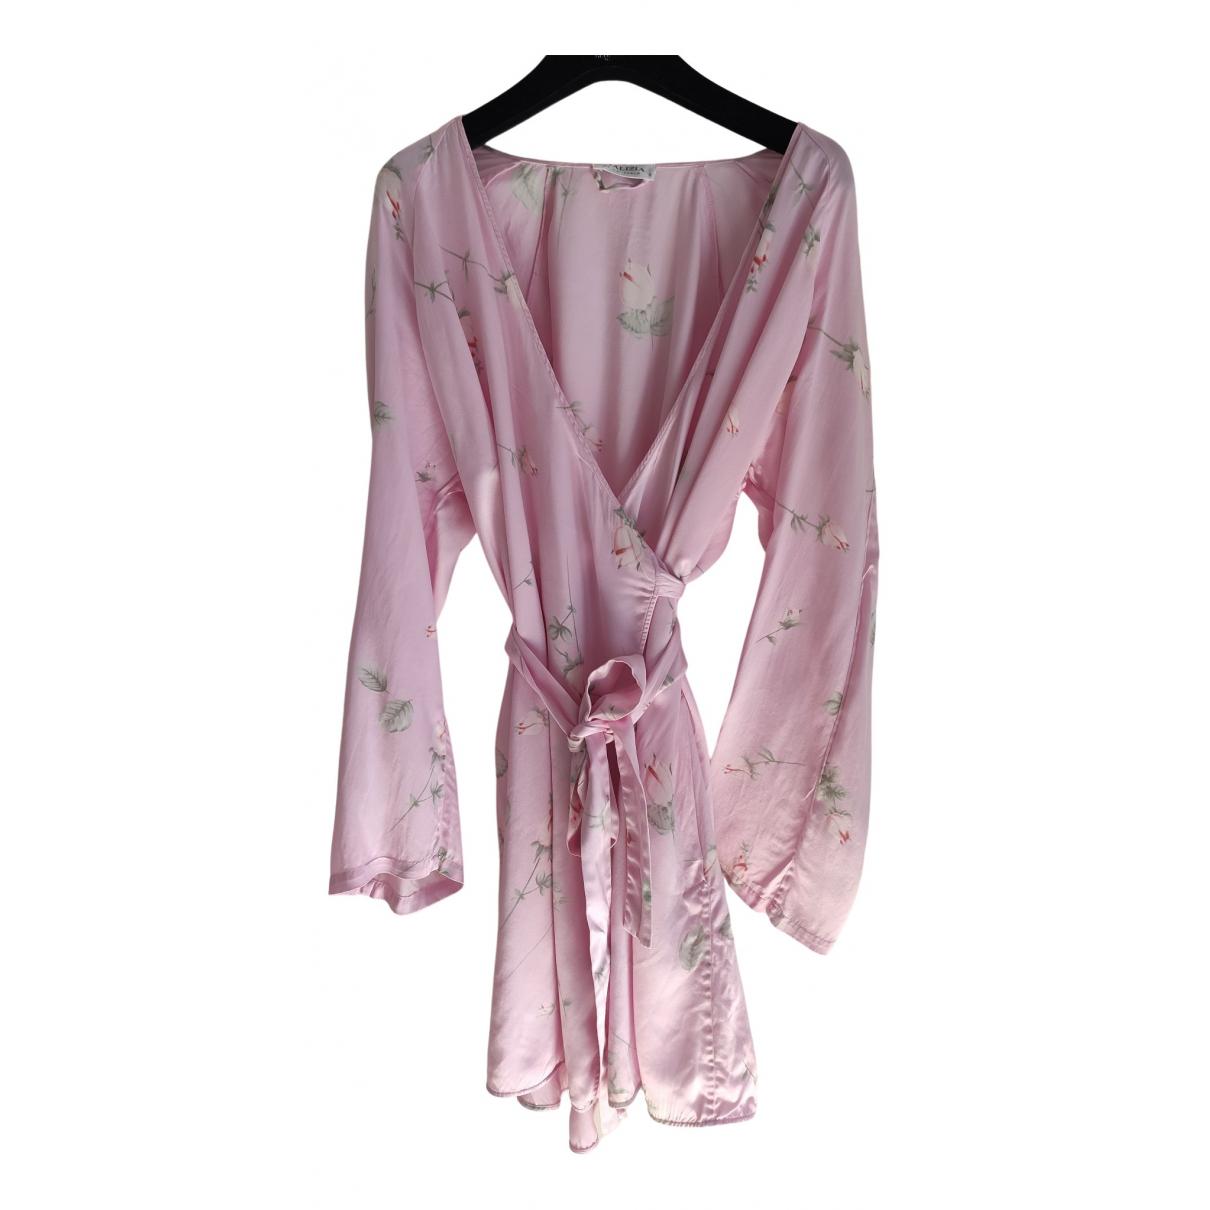 La Perla - Linge de maison   pour lifestyle en soie - rose